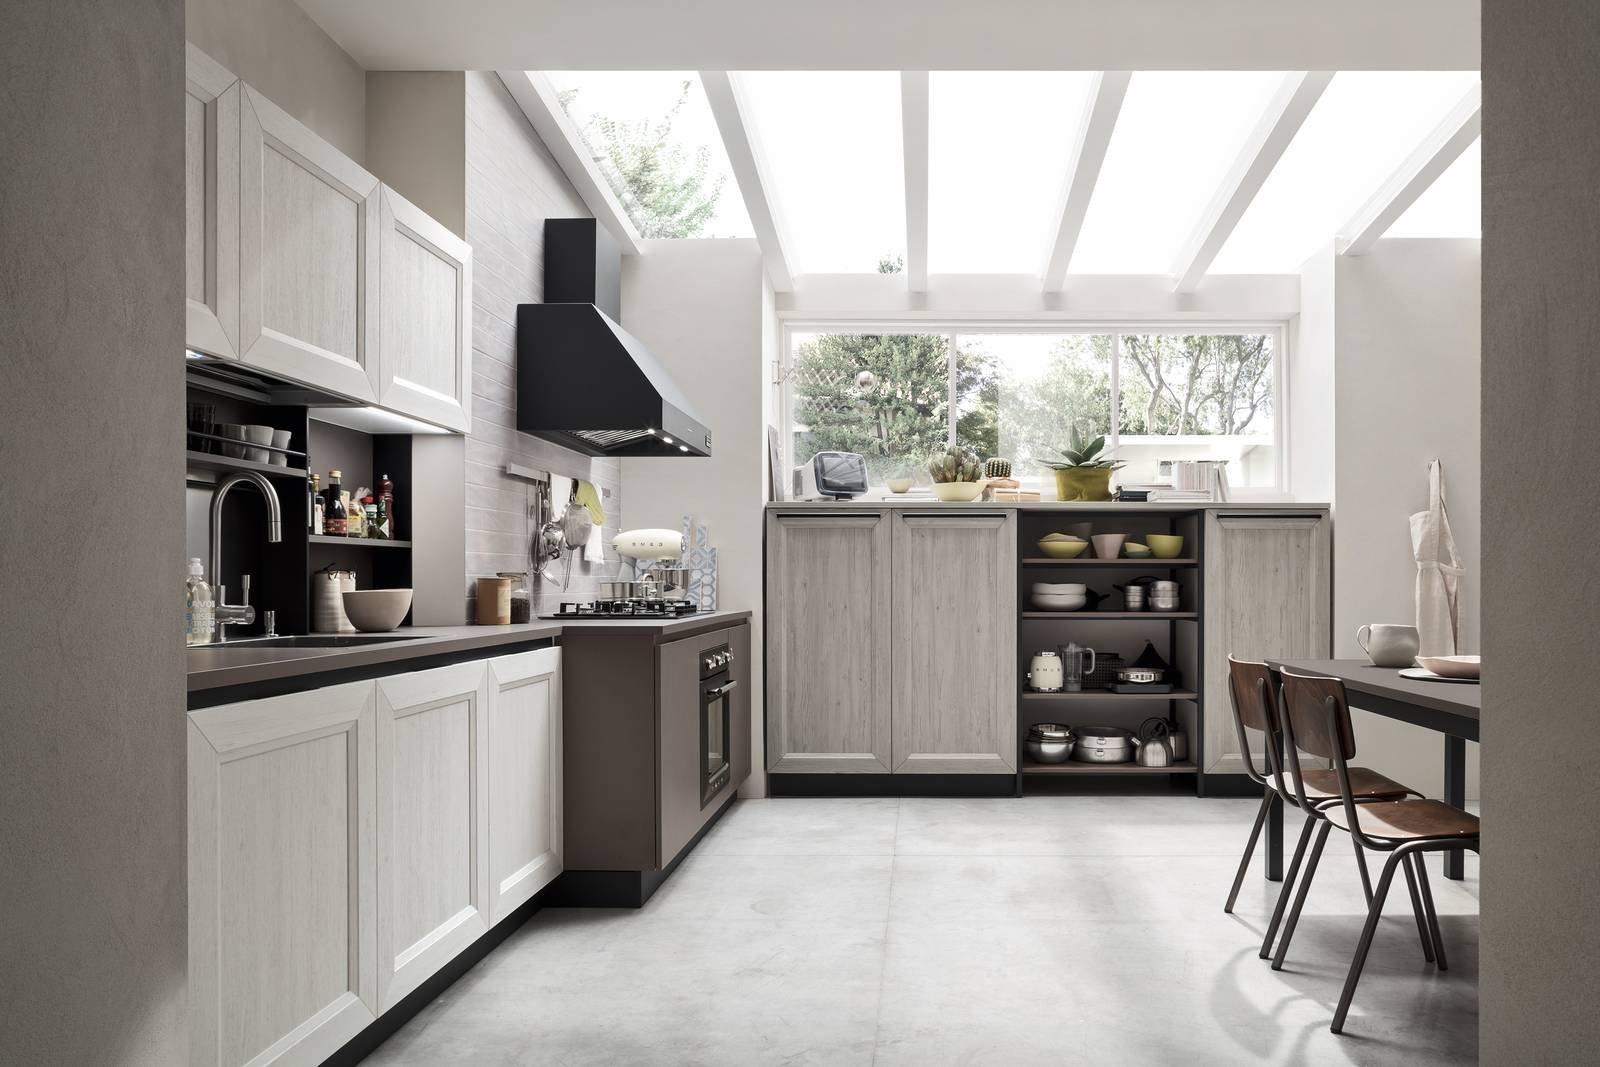 Cucine con il piano in laminato - Cose di Casa